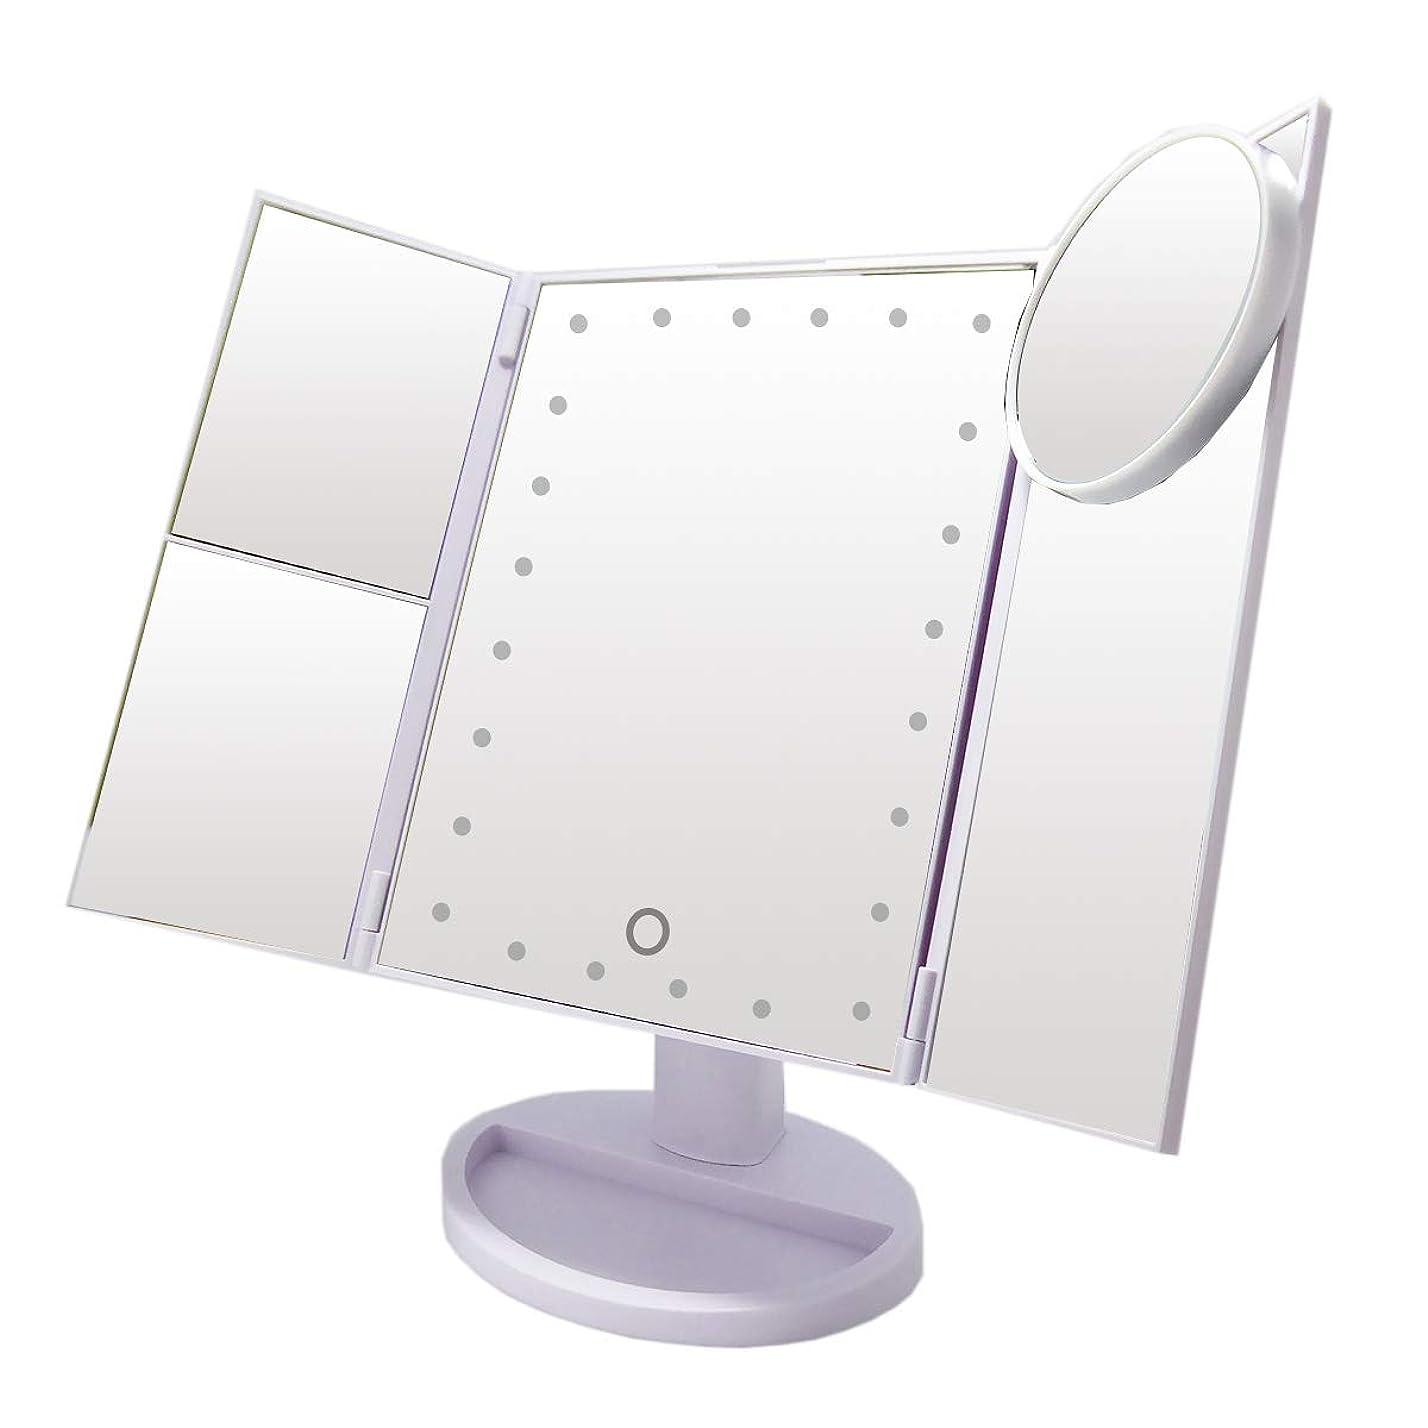 クラウンリラックス航空機La Curie LED付き三面鏡 卓上スタンドミラー 化粧鏡 LEDライト21灯 2倍&3倍拡大鏡付き 折りたたみ式 スタンド ミラー タッチパネル 明るさ 角度自由調整 12ヶ月保証&日本語説明書 (ホワイト) LaCurie009